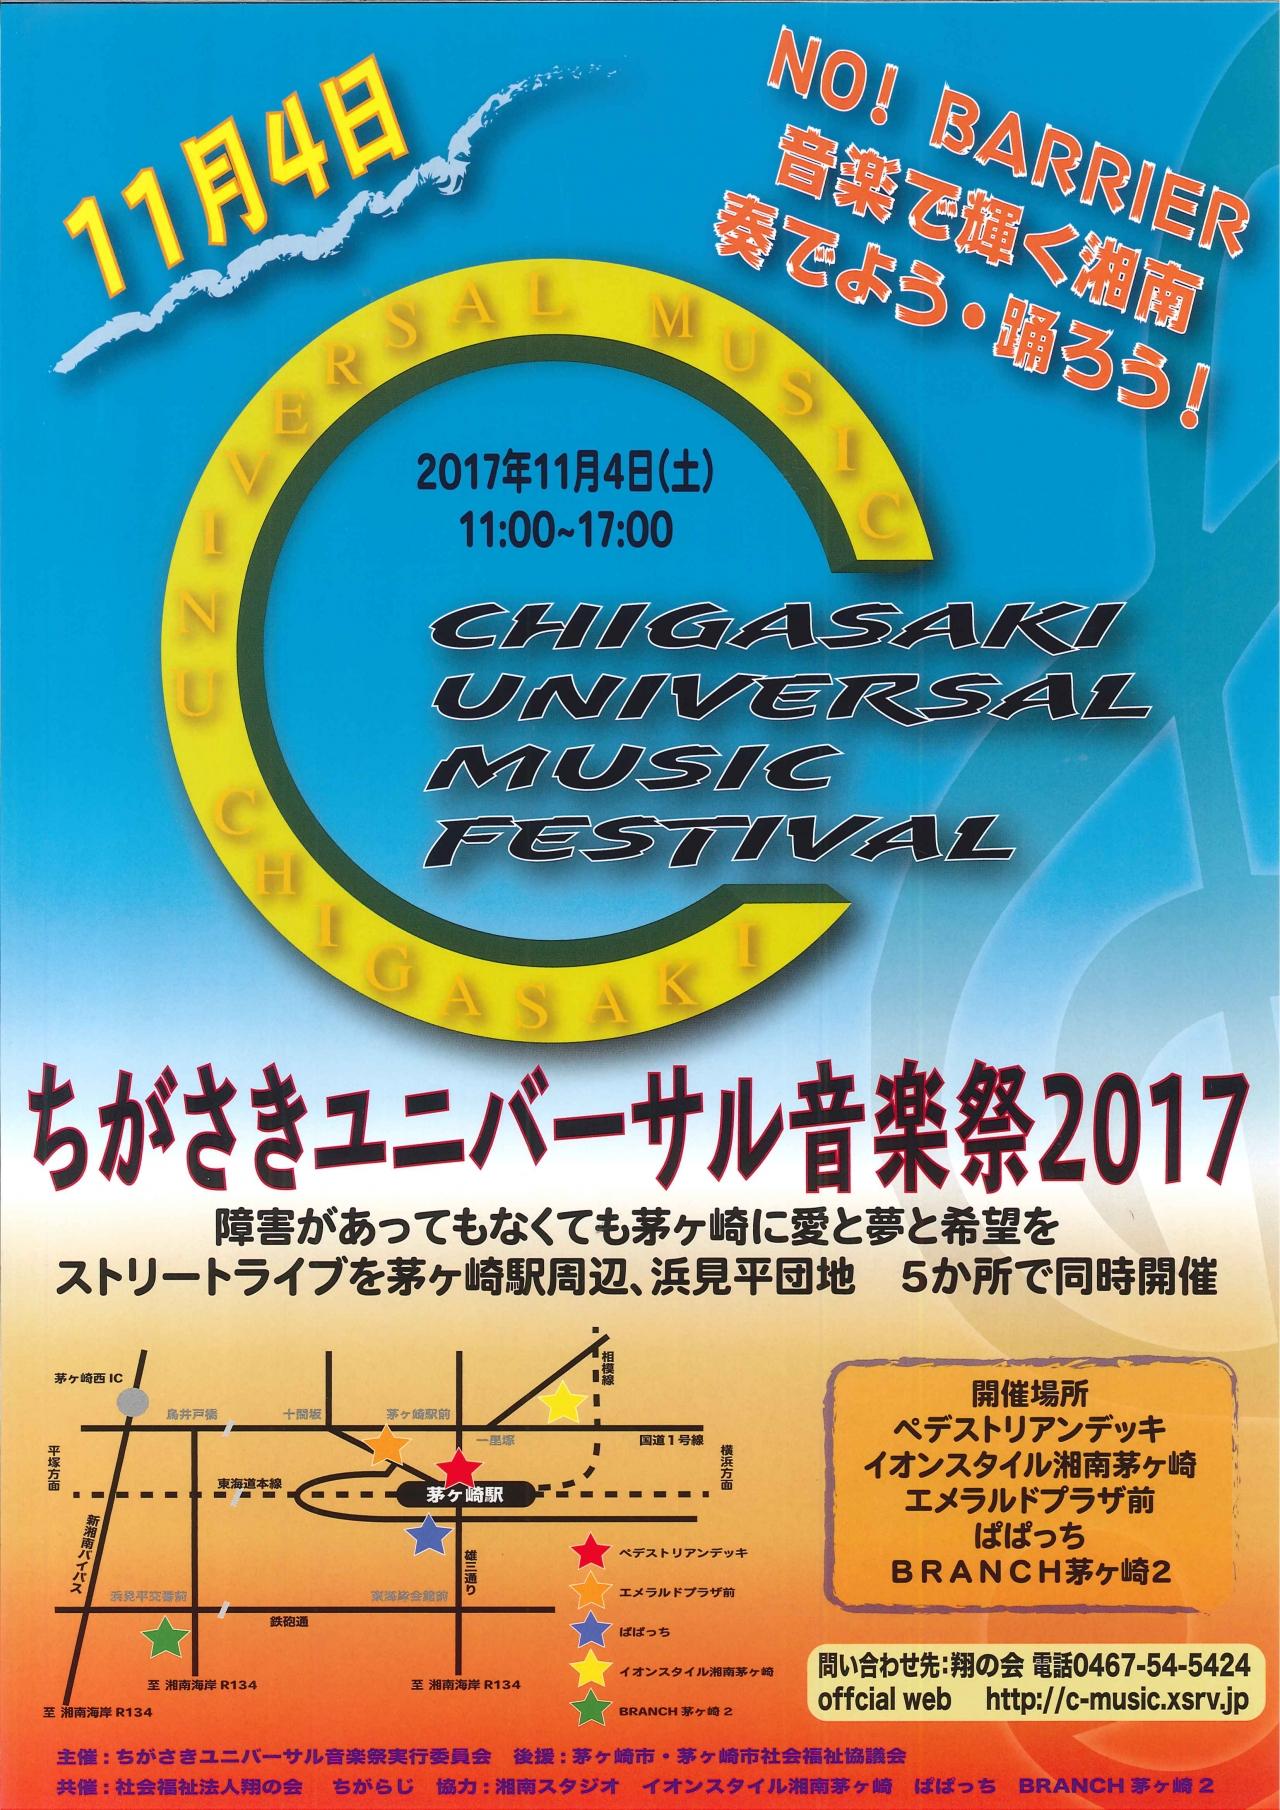 ♪ユニバーサル音楽祭2017を開催しました♪